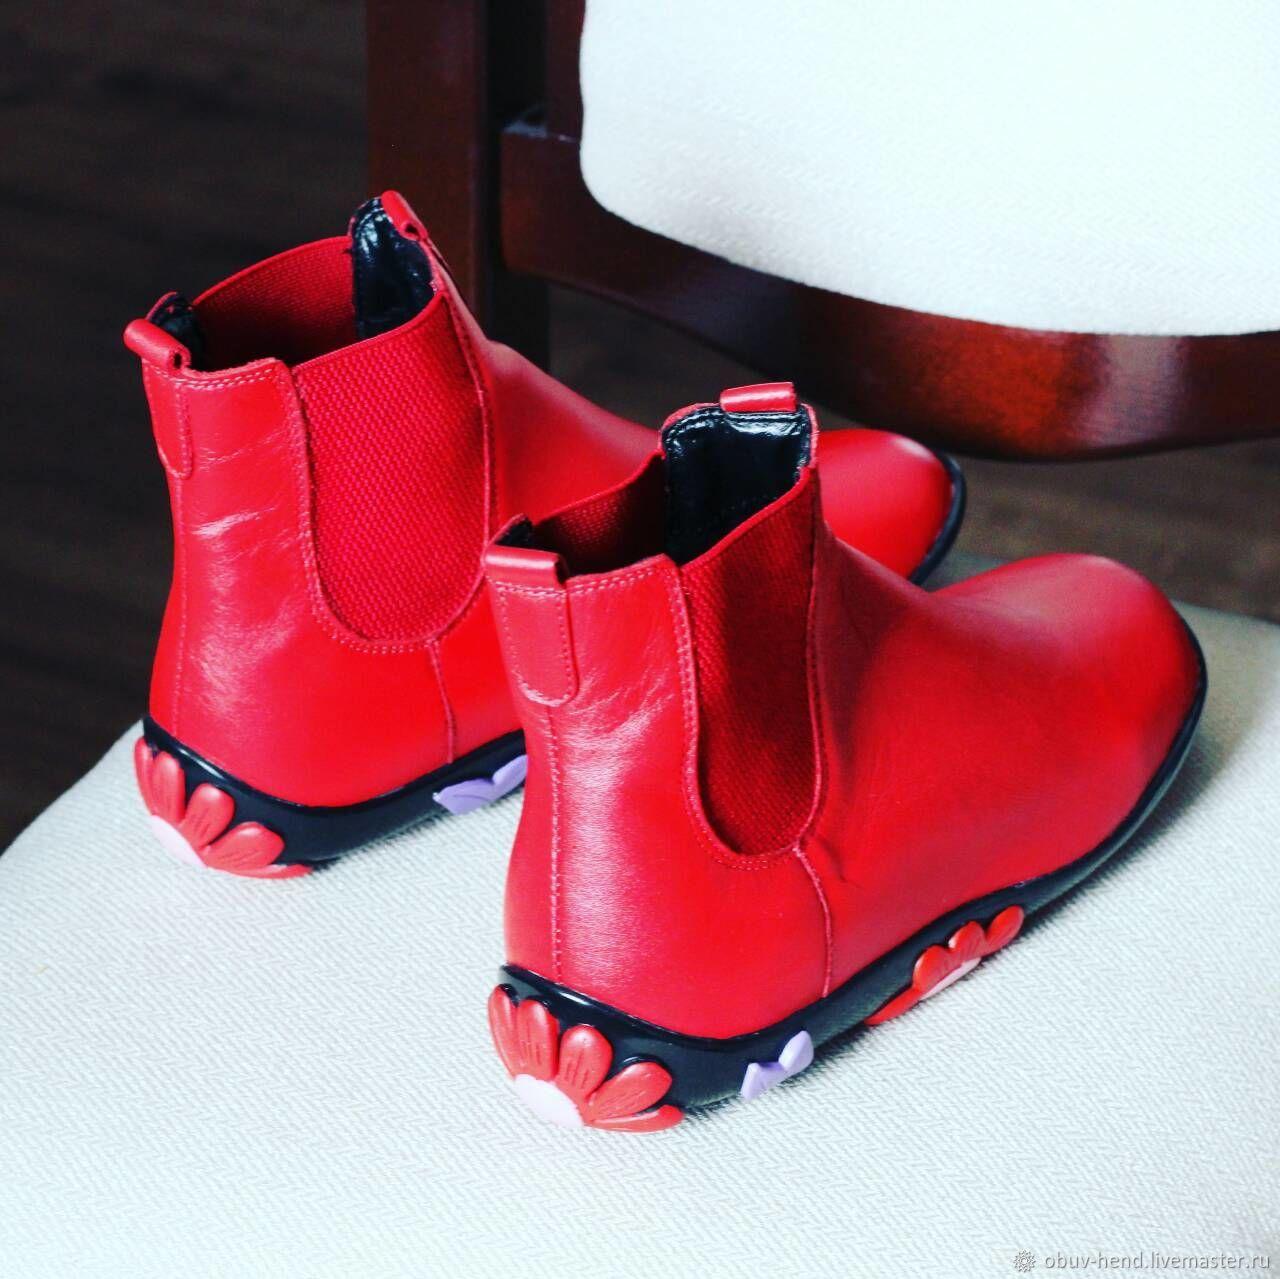 Ботинки с ромашками, Ботинки, Оренбург,  Фото №1